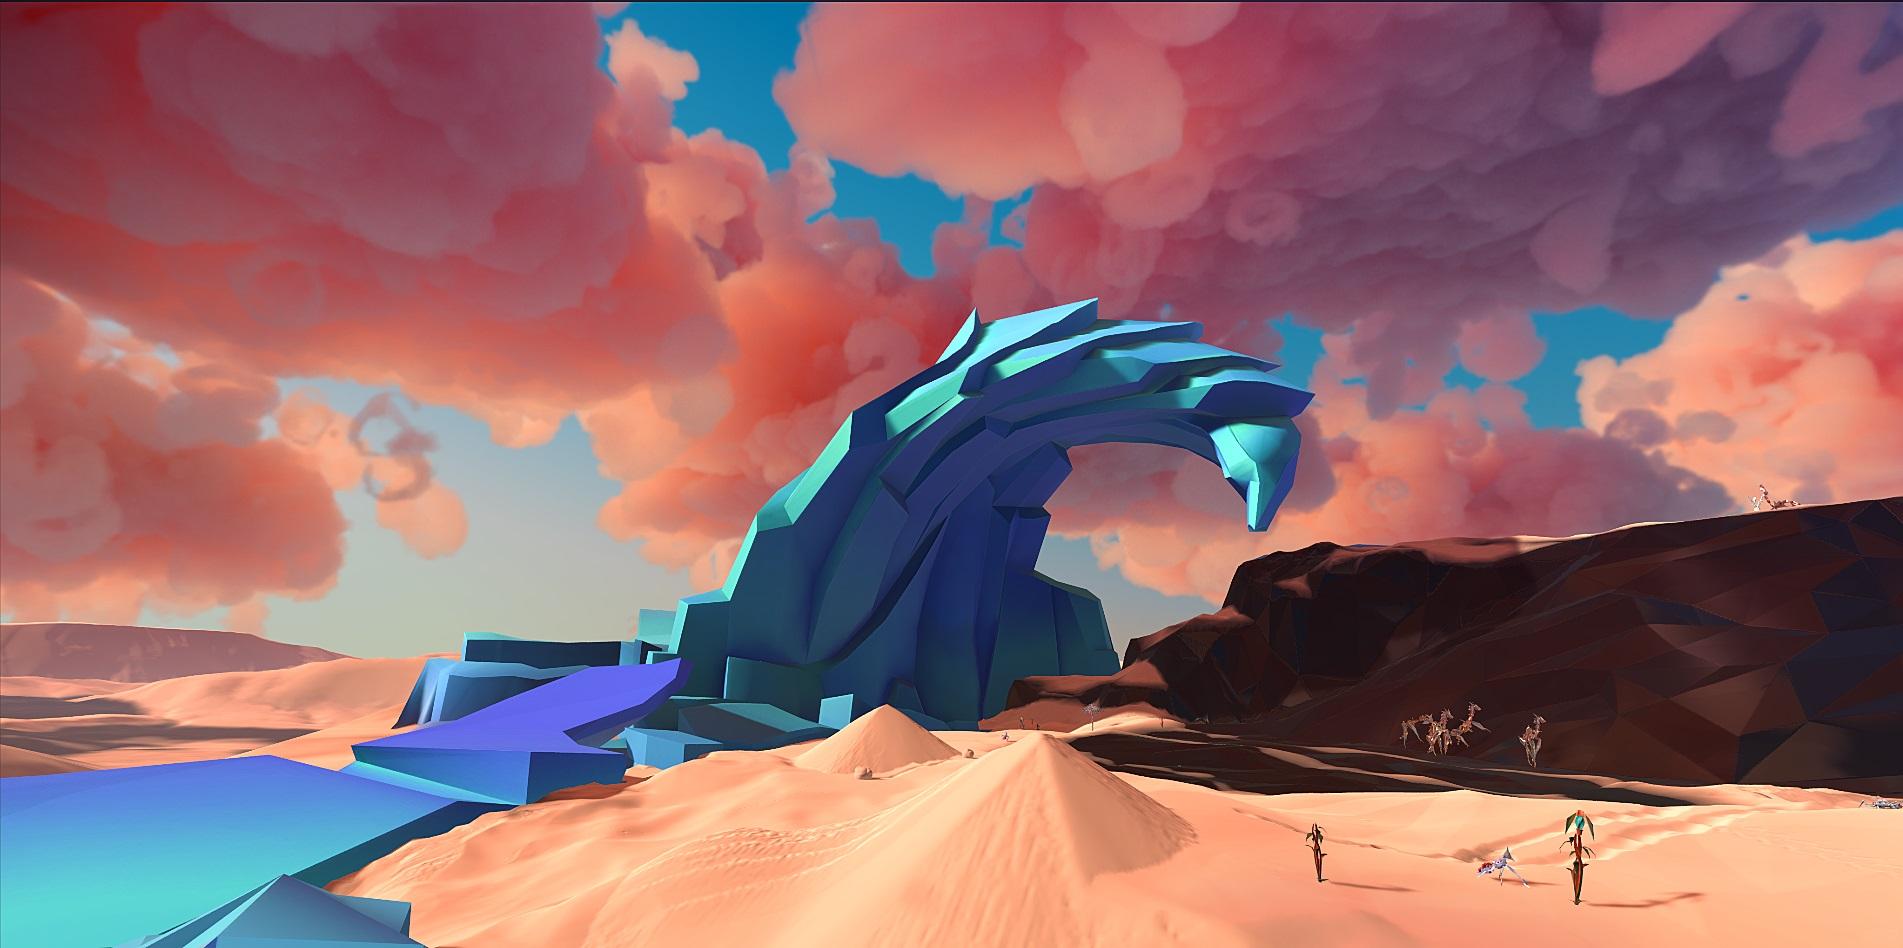 Cuộc thi: Hãy dành cho PSVR của bạn một số tình yêu với một bản sao của Paper Beast 2